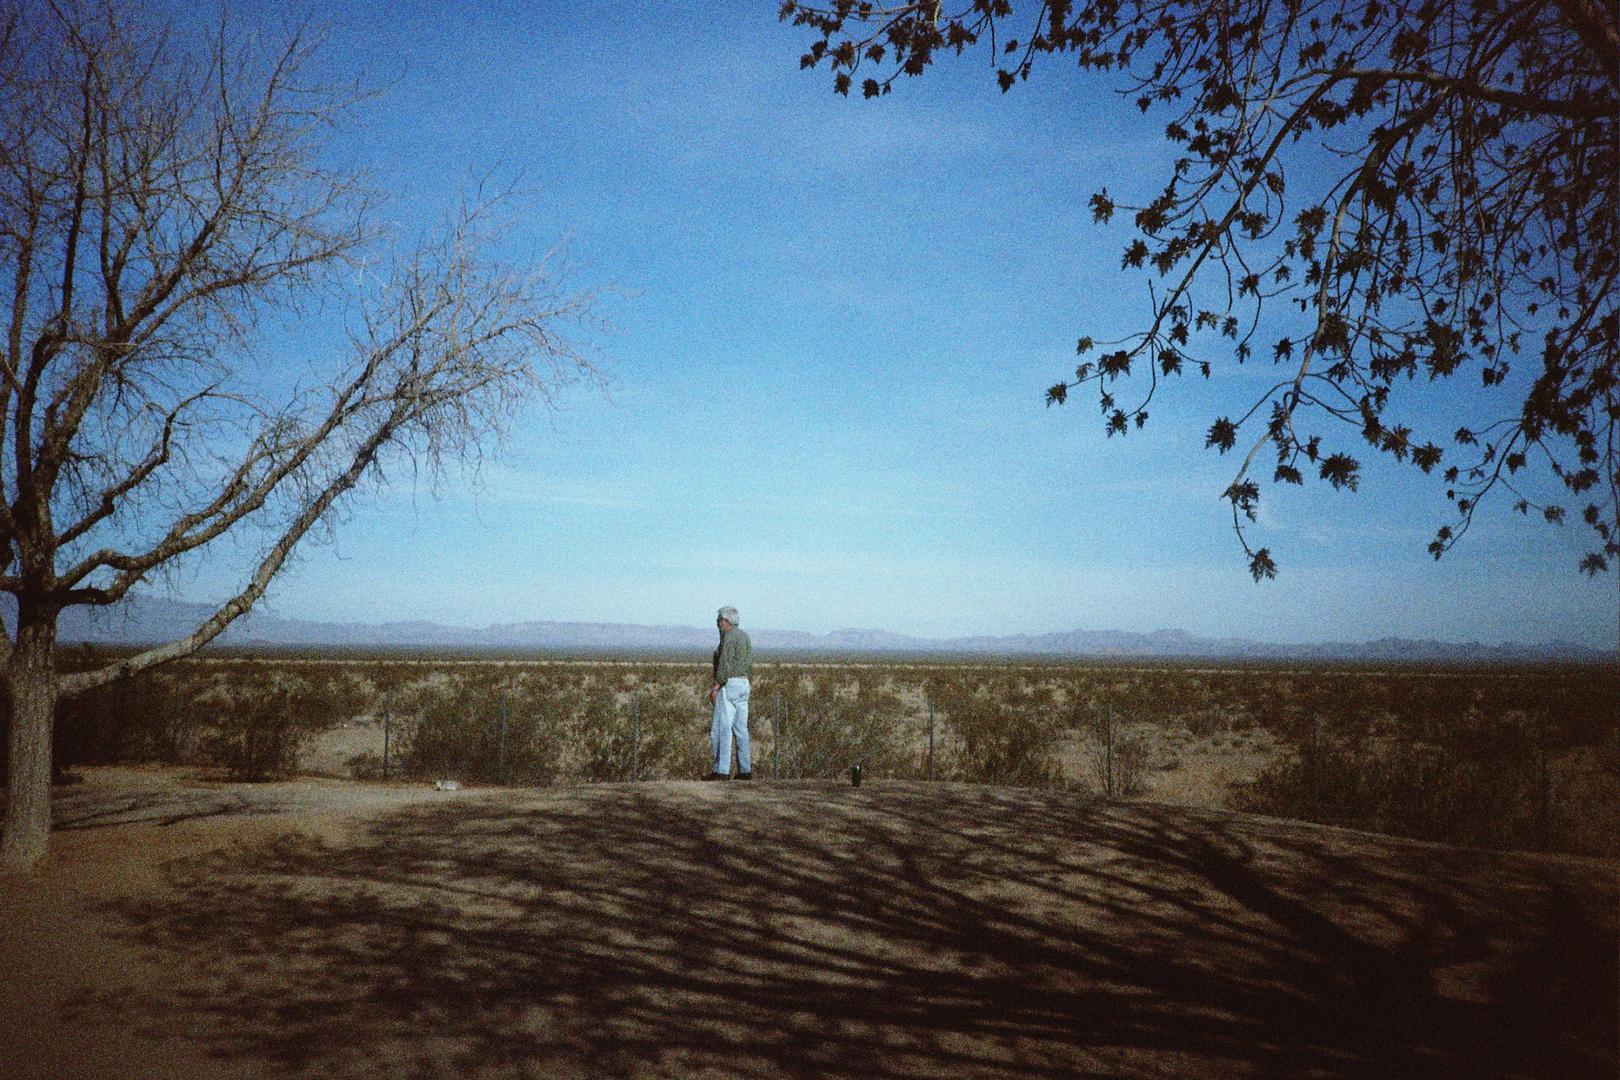 04_Needles_LA_Ventura_March_2012.tif